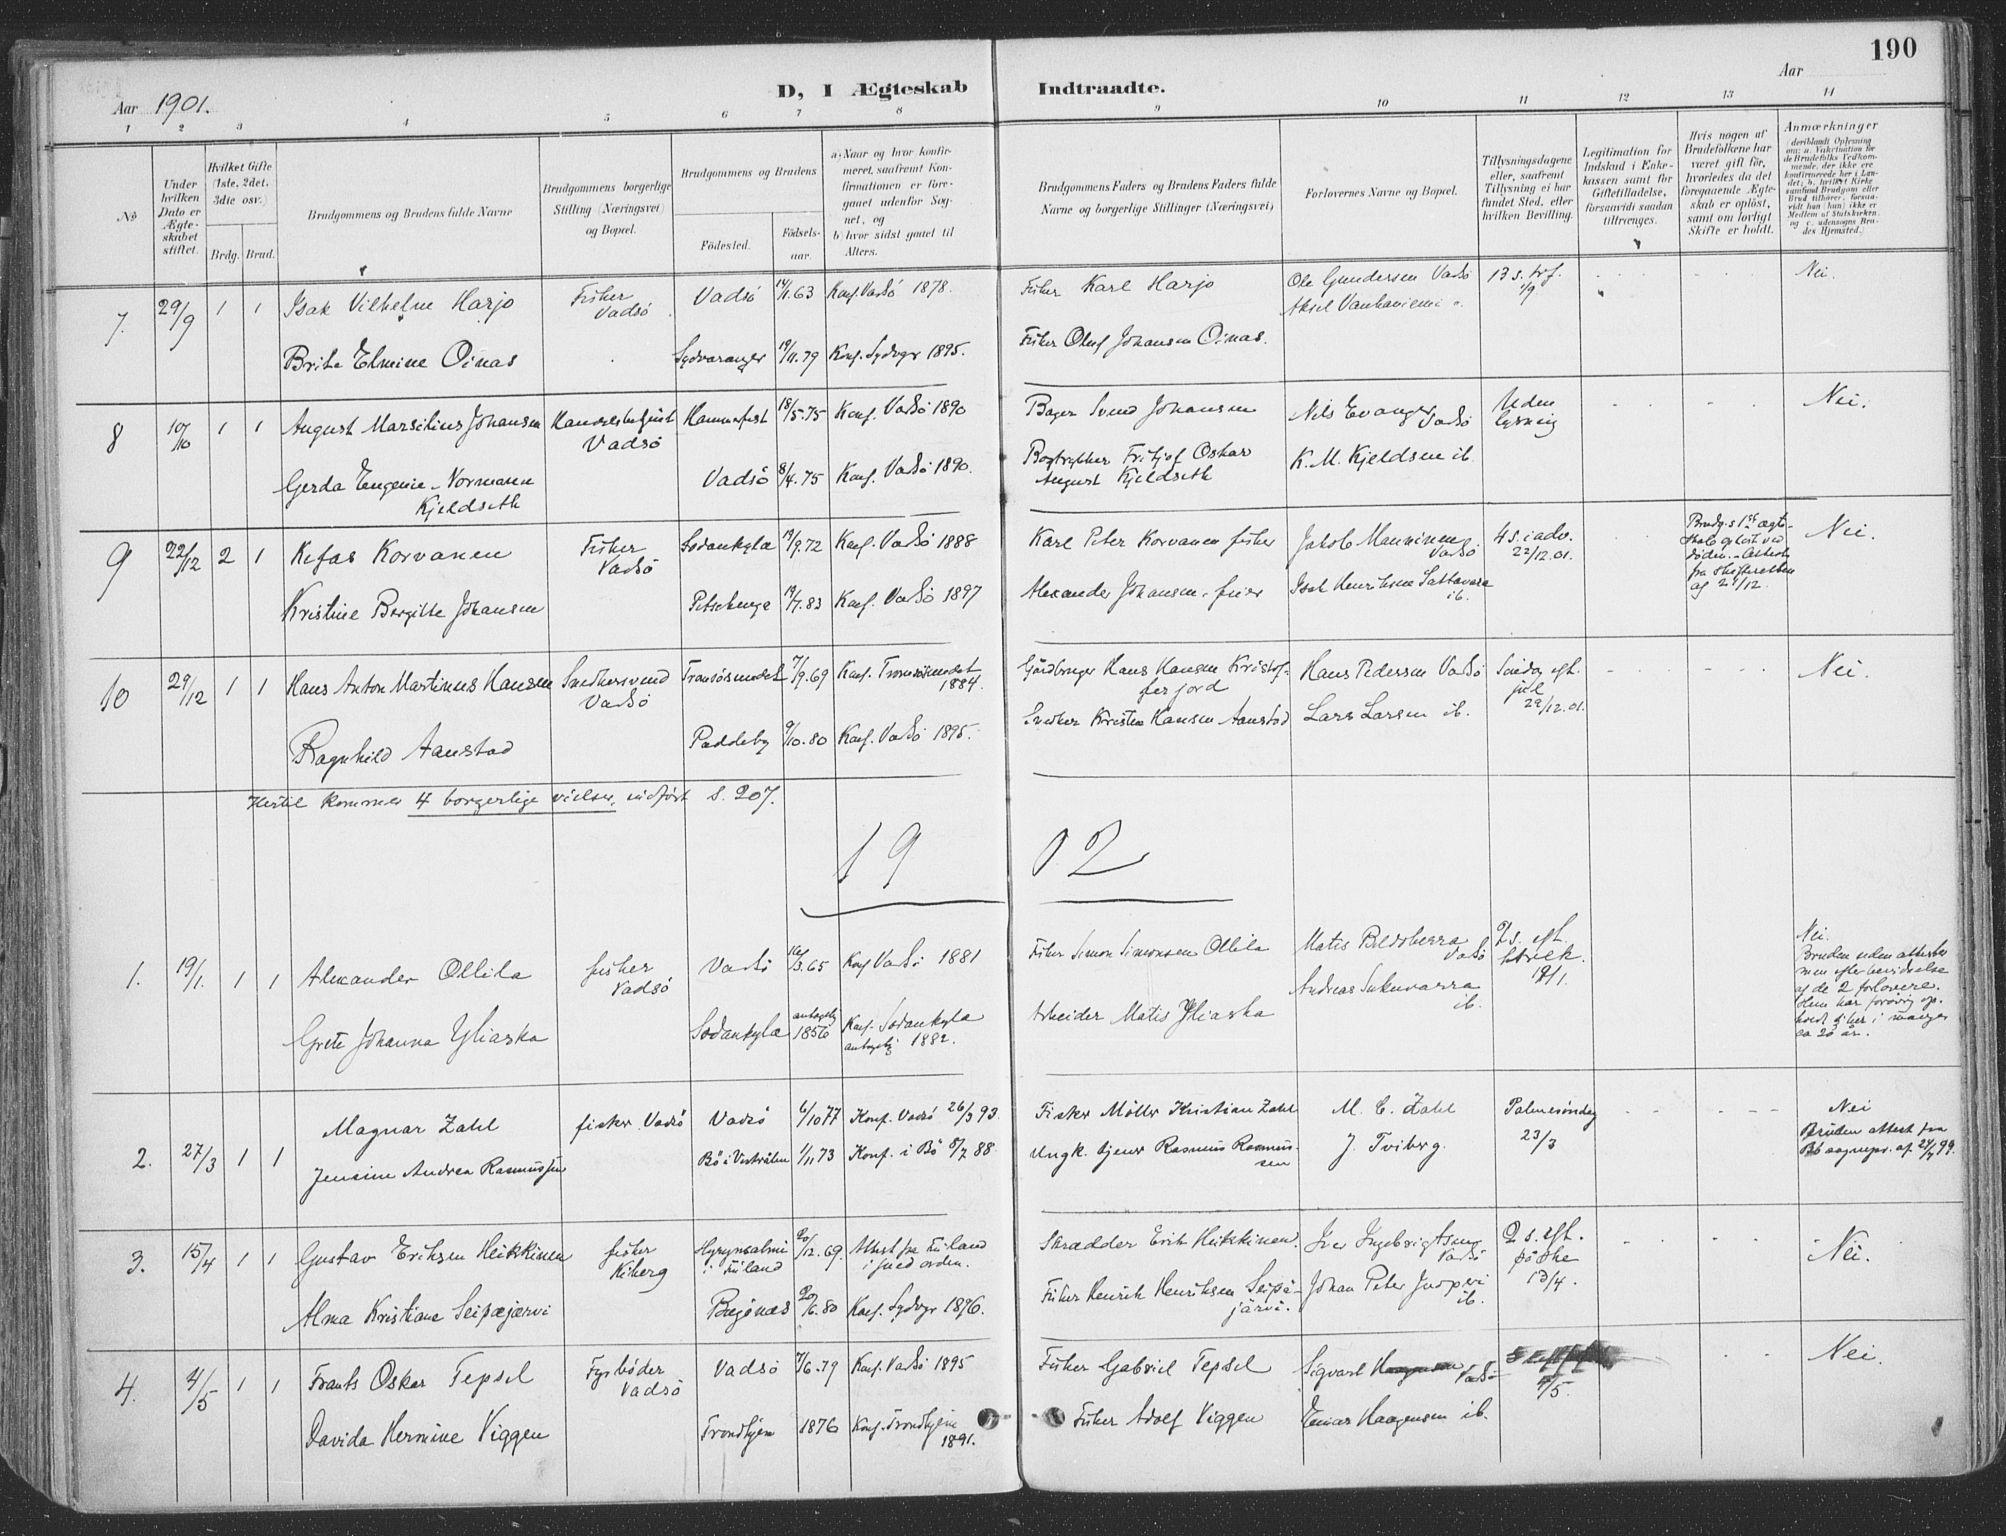 SATØ, Vadsø sokneprestkontor, H/Ha/L0007kirke: Ministerialbok nr. 7, 1896-1916, s. 190